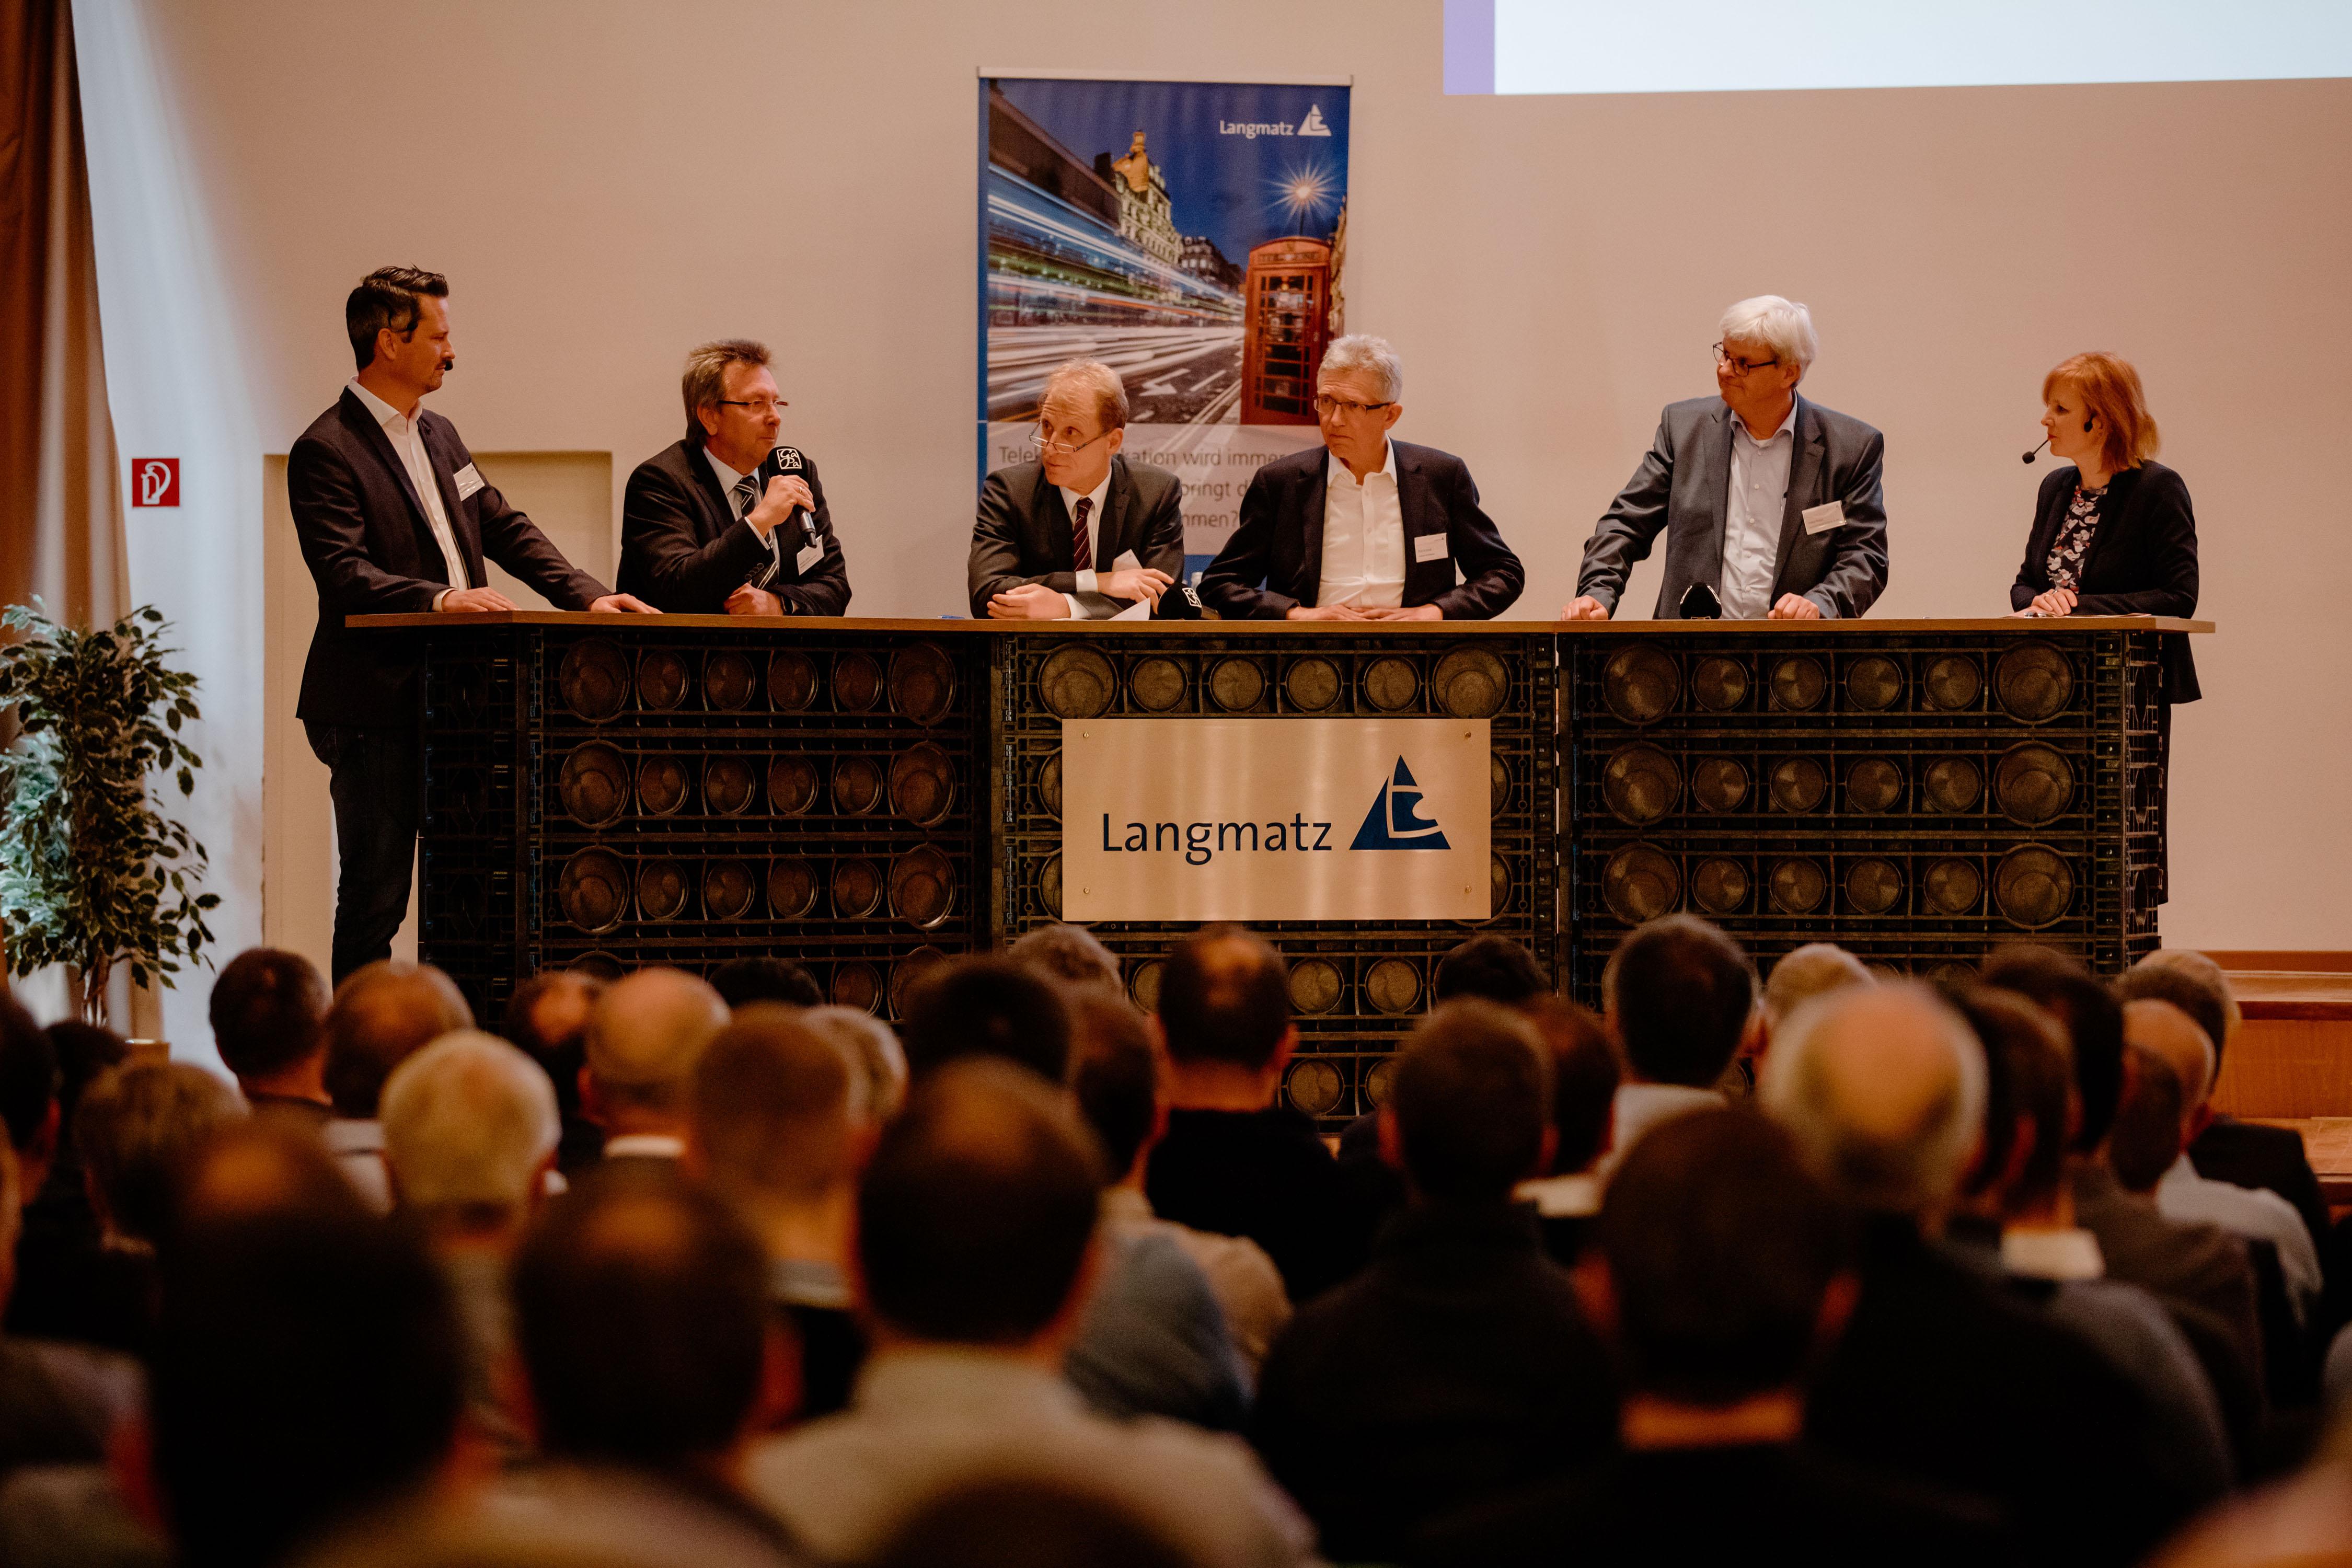 Langmatz 02 Podiumsdiskussion Breitband Symposium 2019 - Breitbandausbau in Deutschland gewinnt an Dynamik